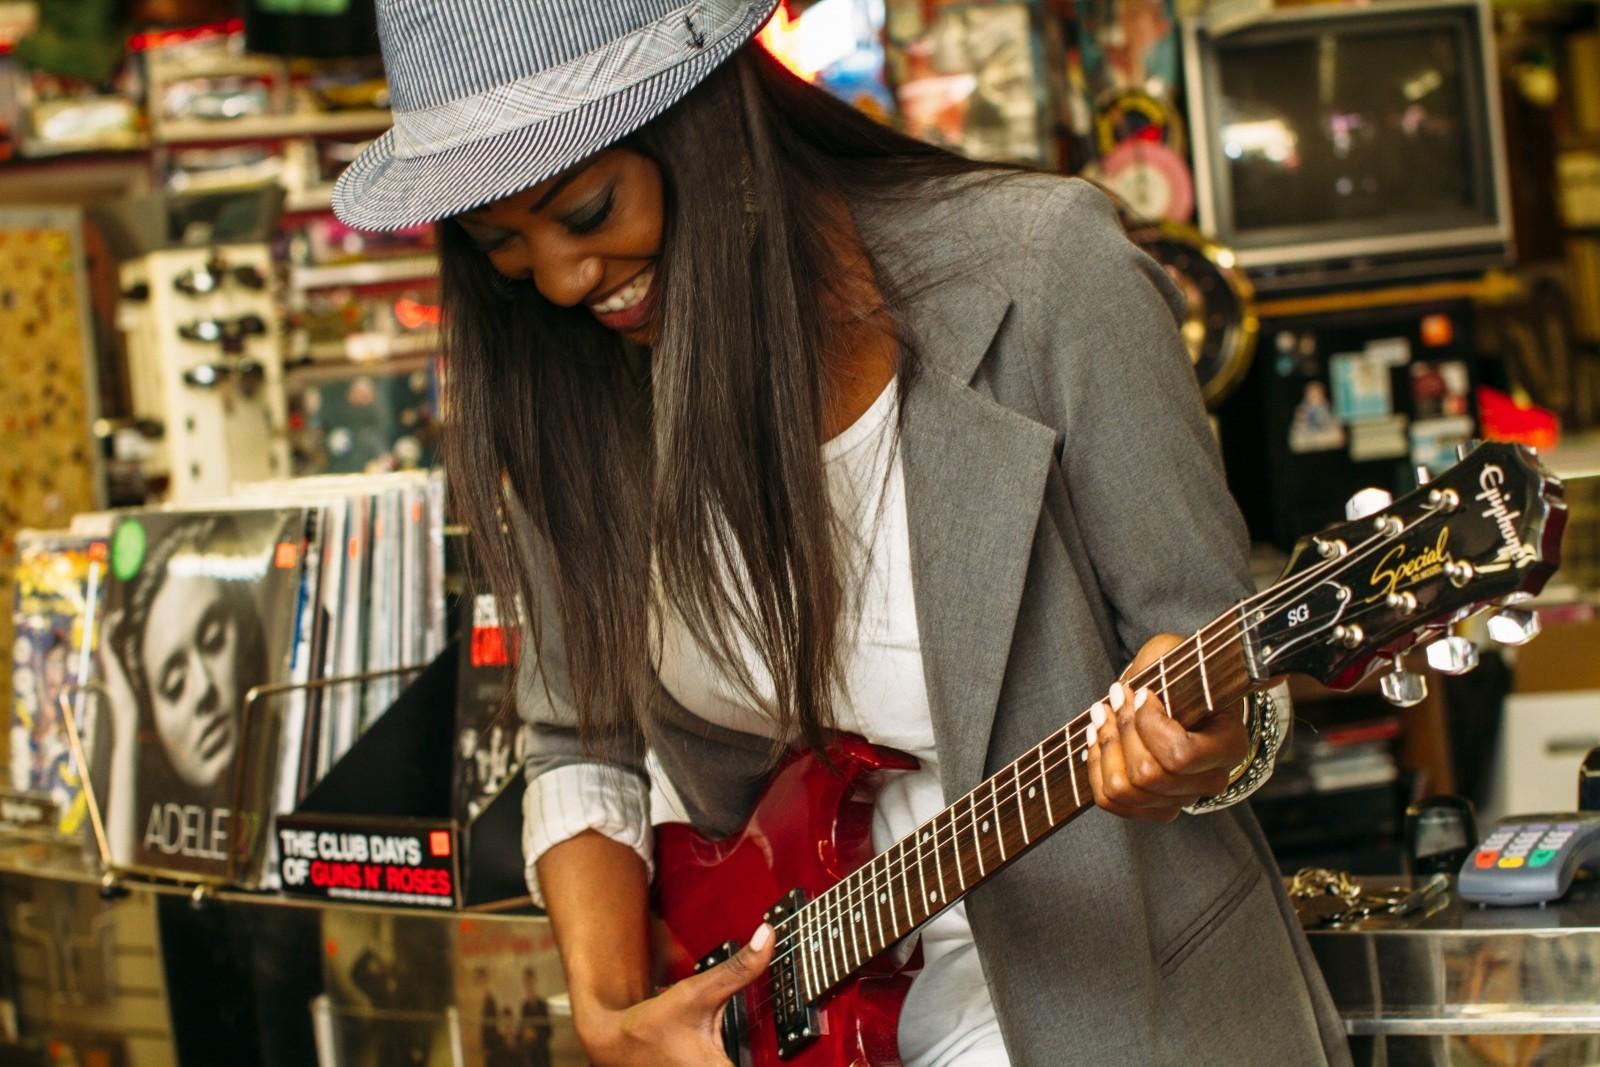 楽器を演奏する女性